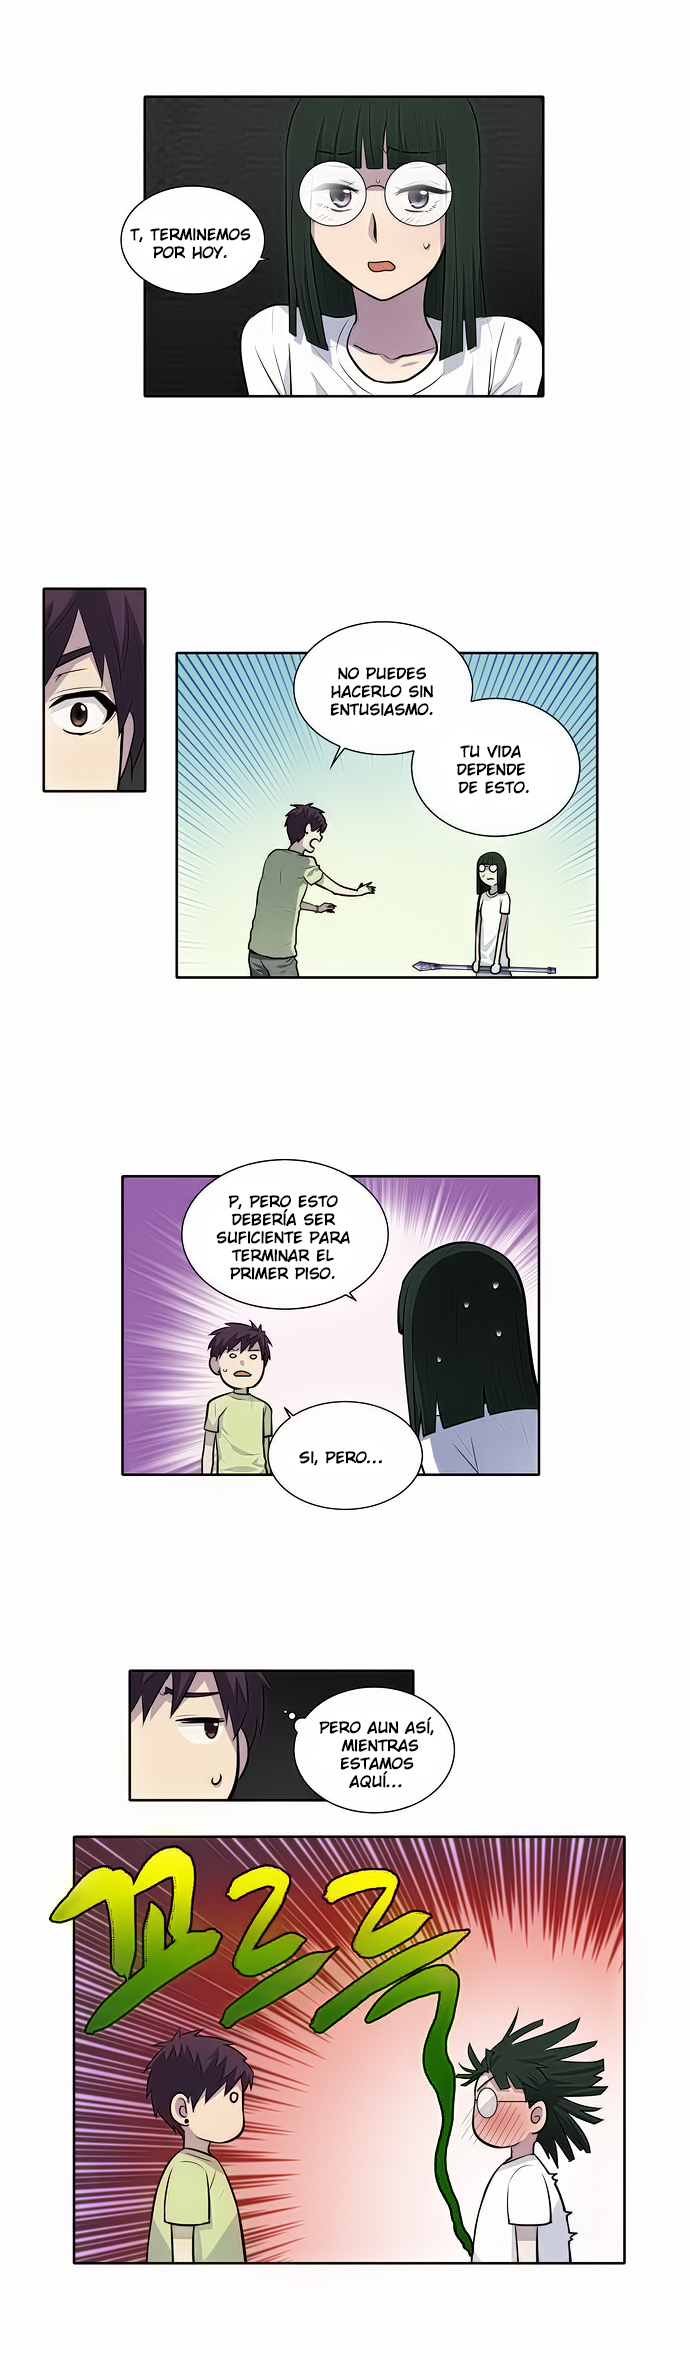 https://c5.ninemanga.com/es_manga/61/1725/434276/26e87ce3ffff8cab875cc01616fad7ed.jpg Page 3